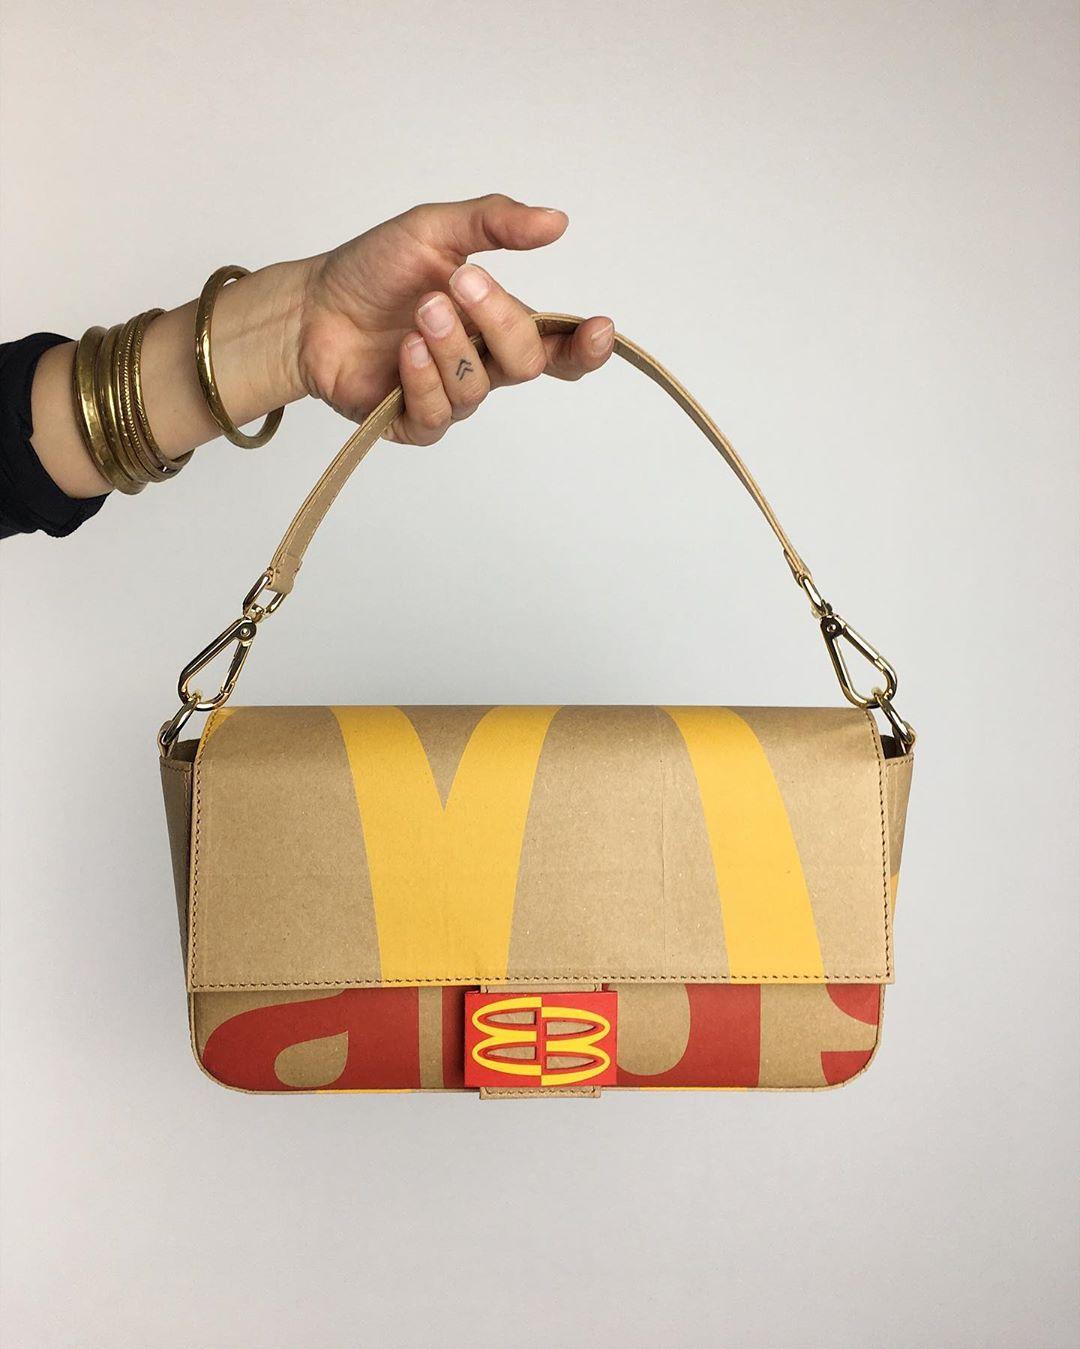 他把「垃圾場廢物」變時尚單品 超實用「麥當勞包」男生也想搶